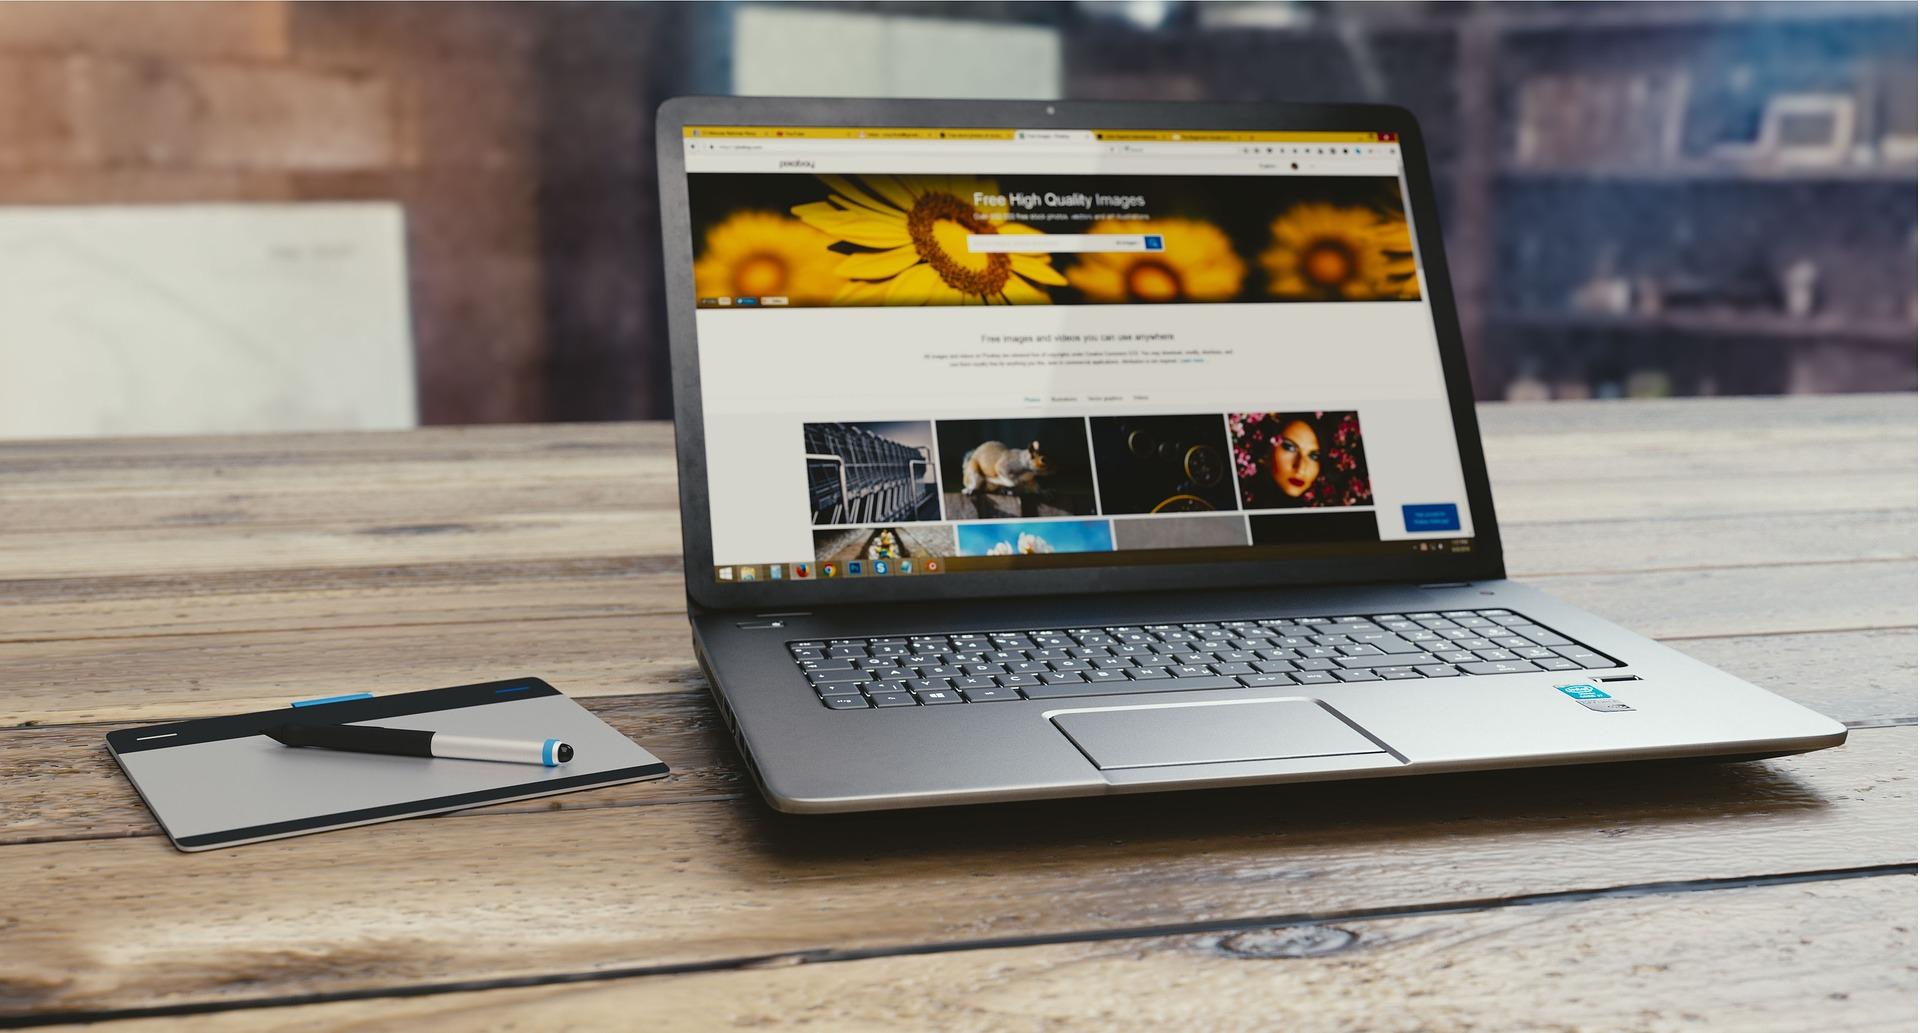 Risque d'incendie: HP rappelle des batteries d'ordinateurs. Photo : Pixabay